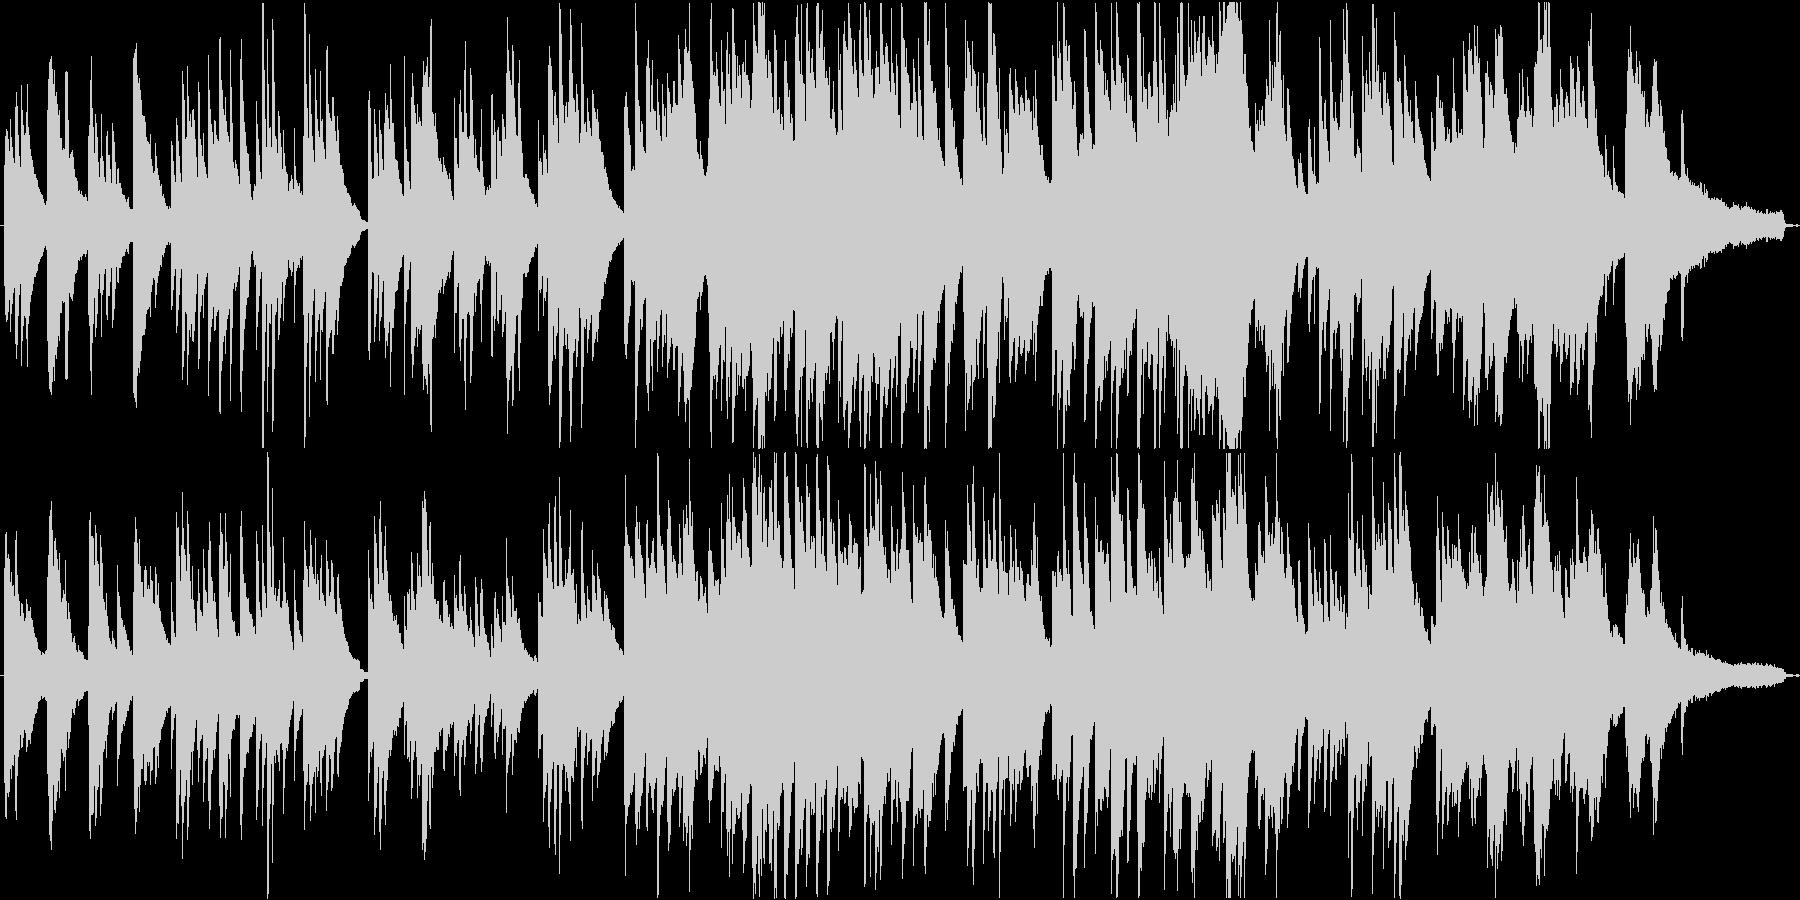 ピアノの綺麗な高音と旋律が特徴のピアノ曲の未再生の波形